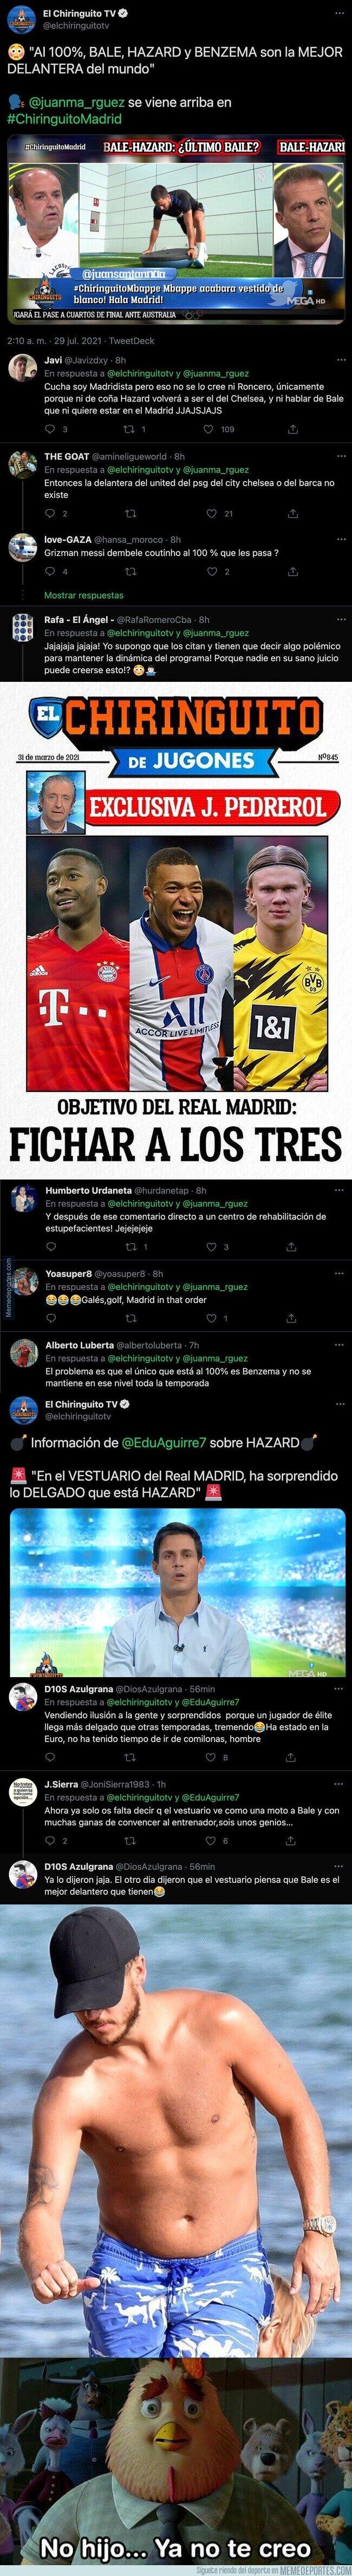 1140792 - Todo el mundo se está riendo con estas informaciones de El Chiringuito sobre Bale y Hazard